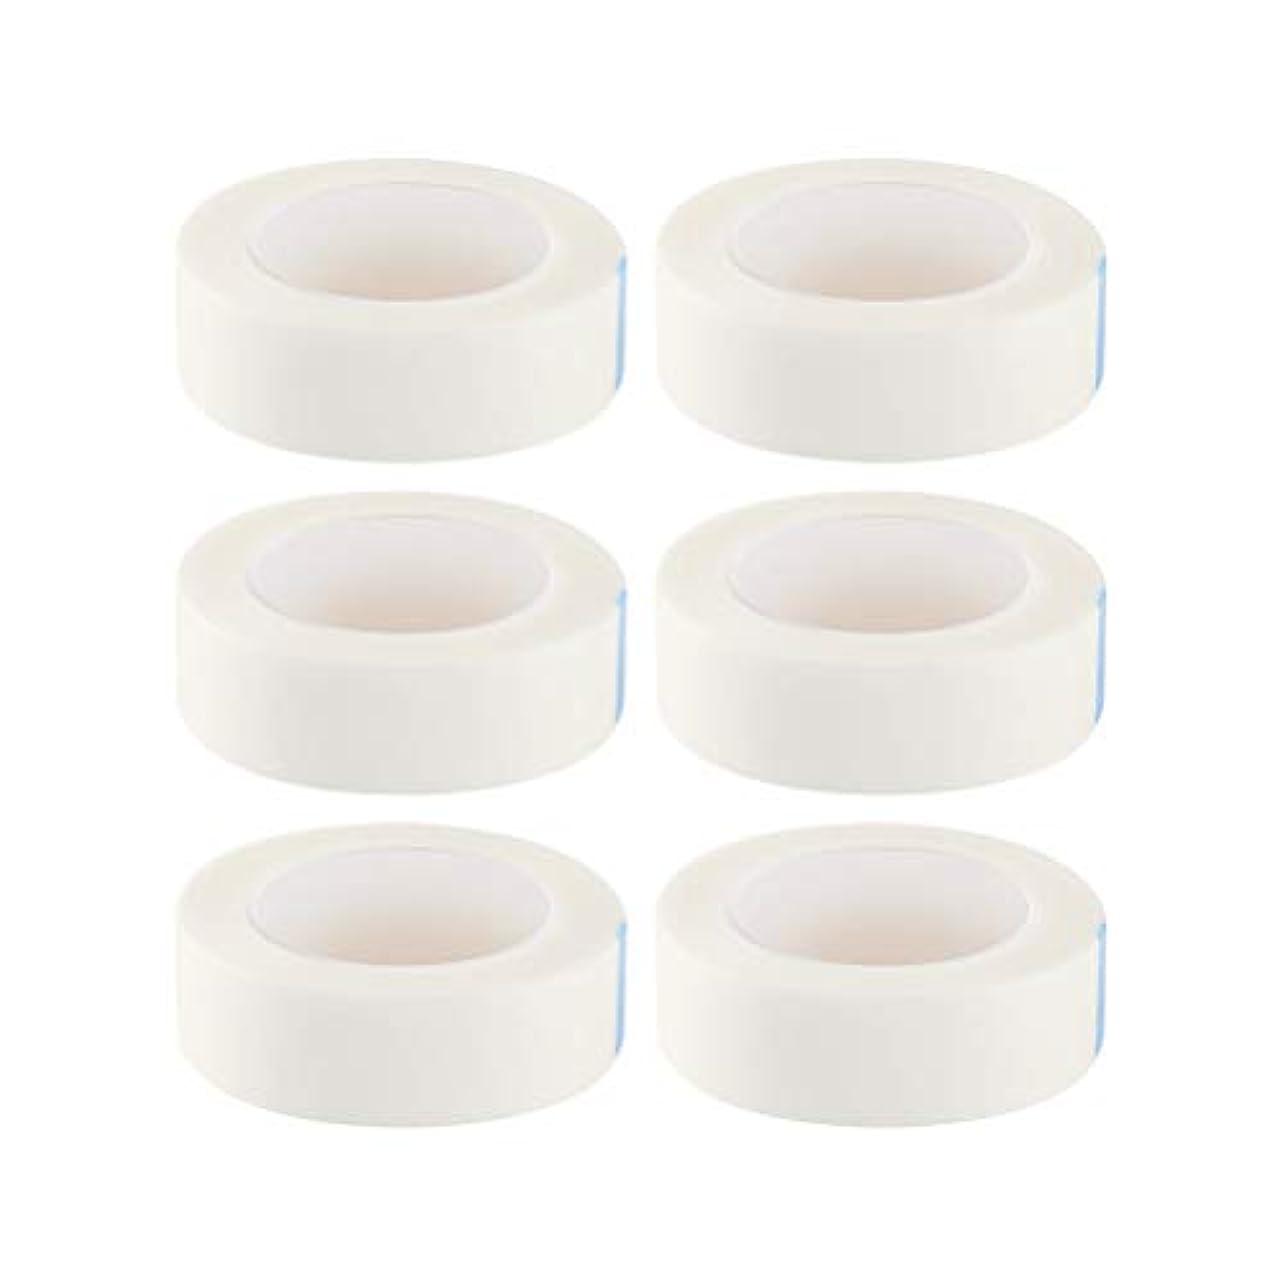 ミュート葡萄小学生HEALIFTY まつげ絶縁テープまつげエクステサロン用ロール12個入り(白)